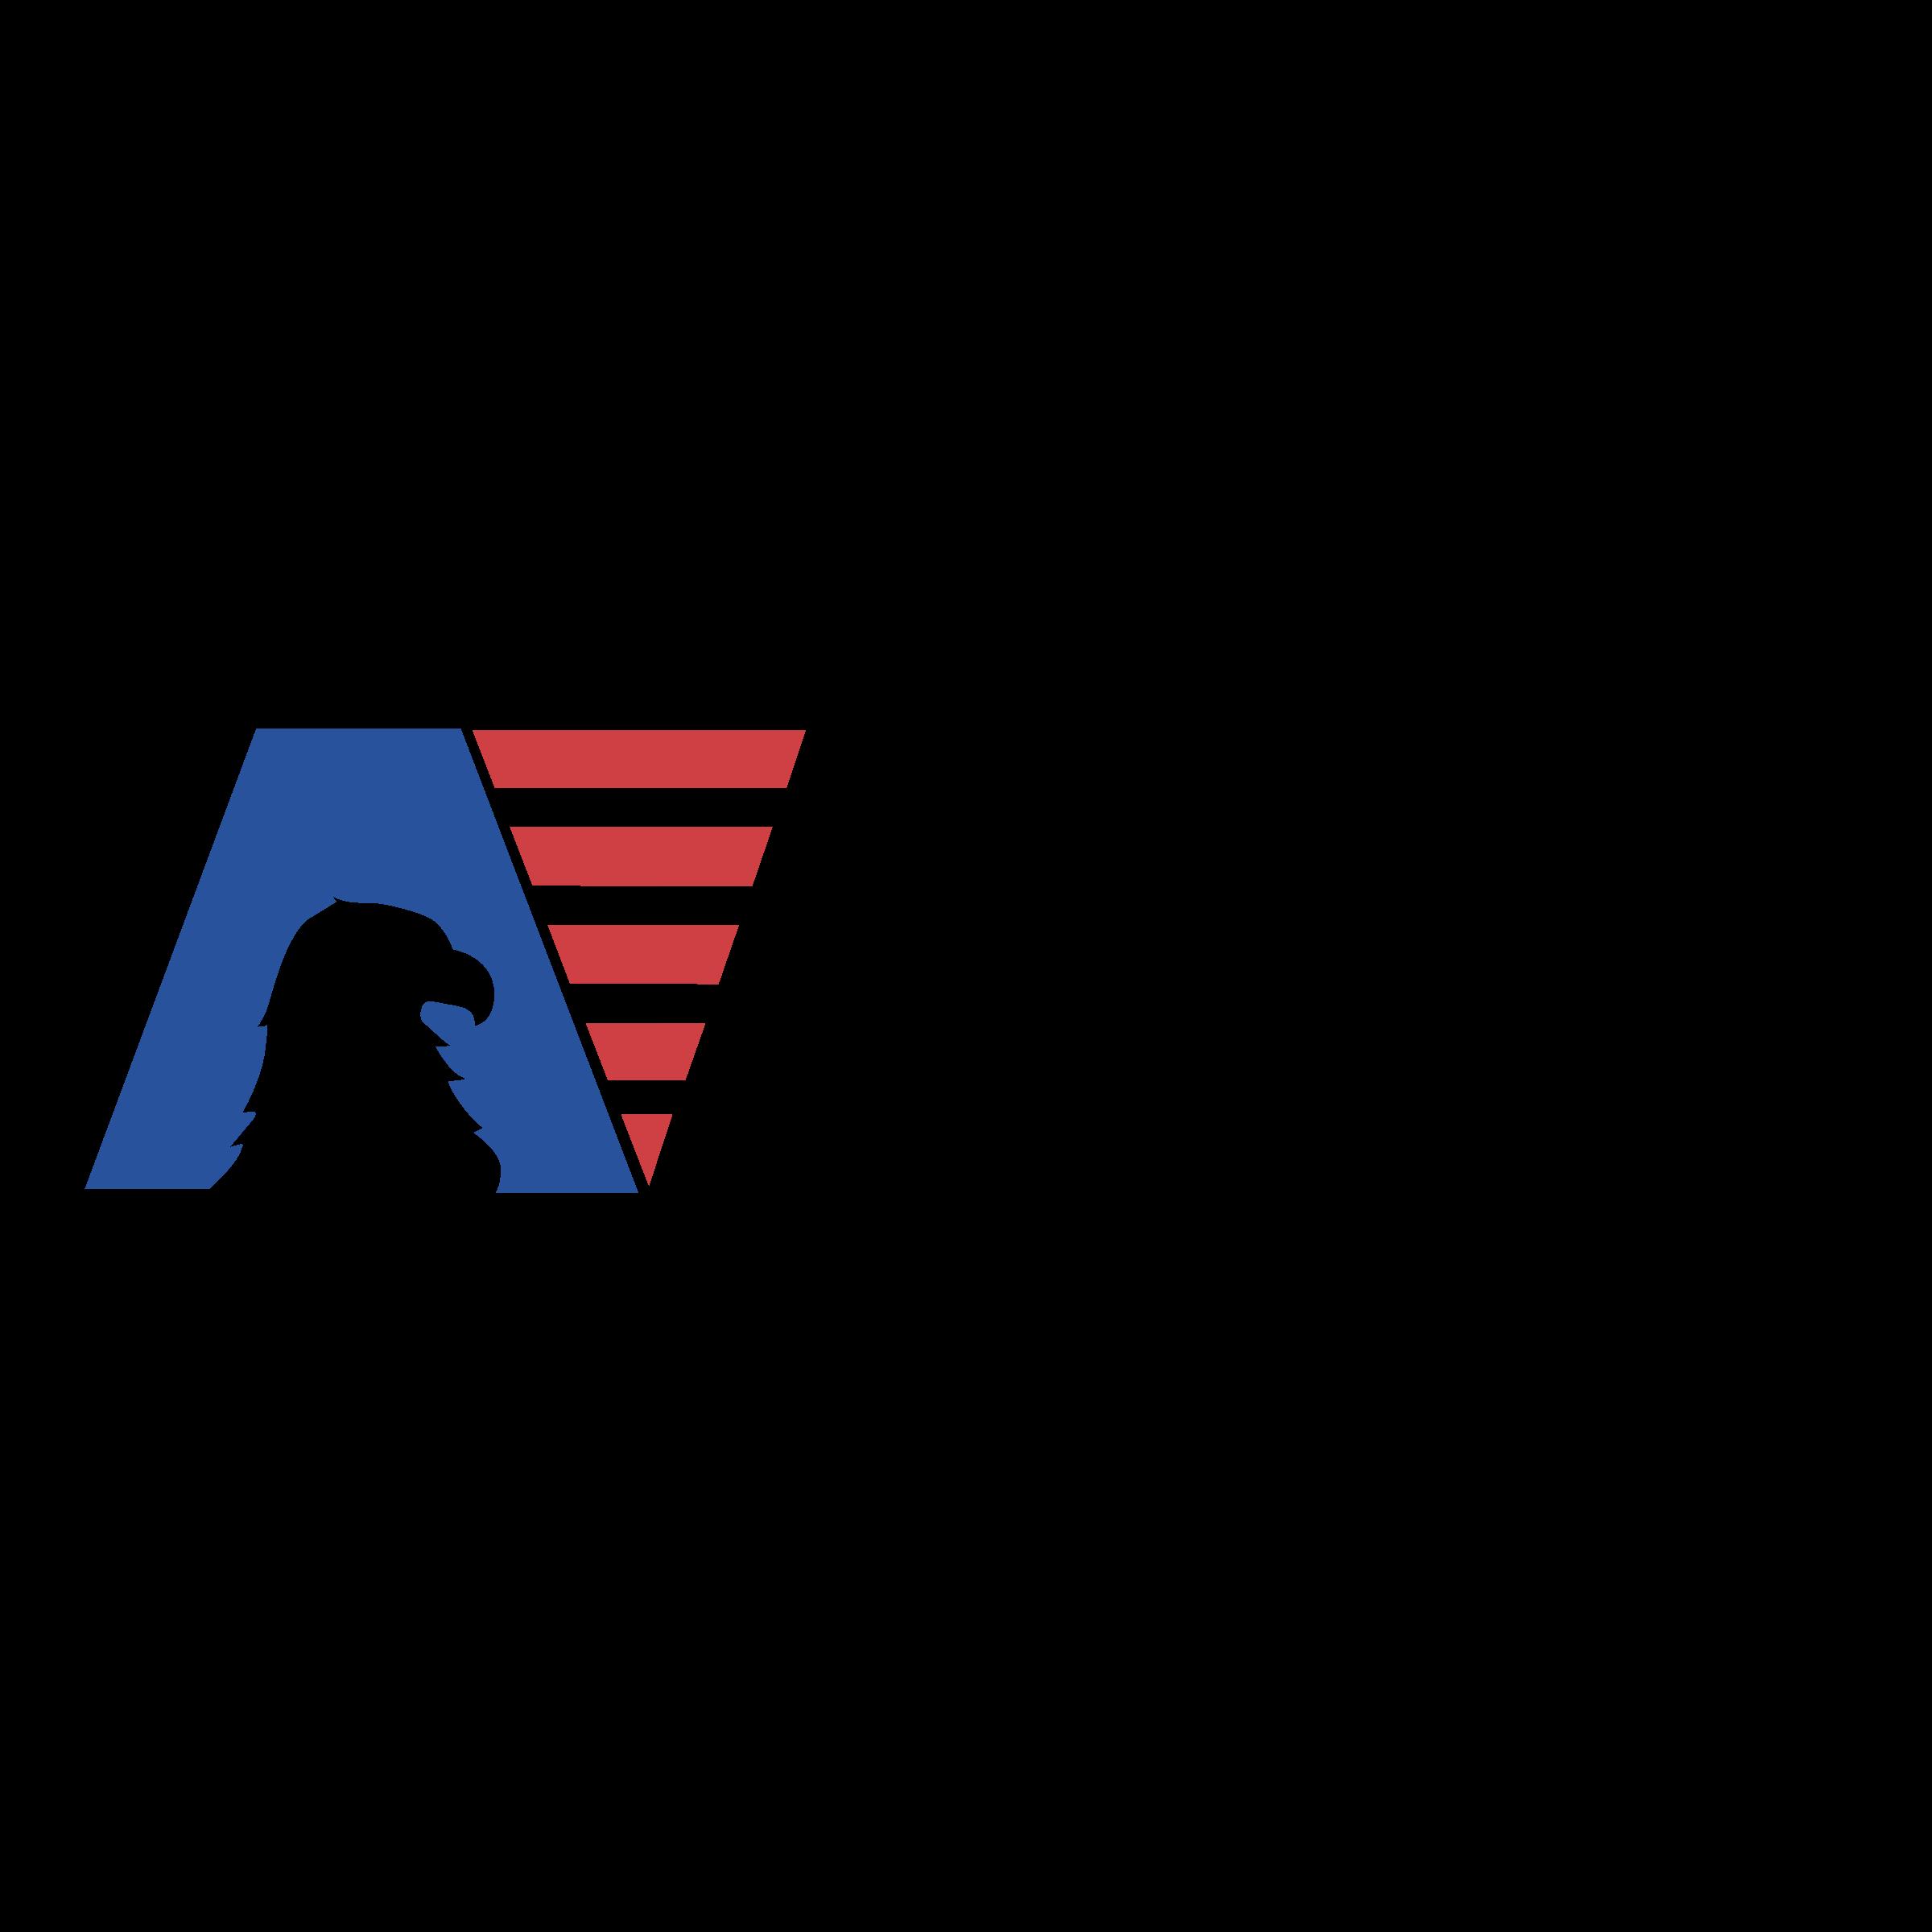 american car care center  American Car Care Centers Logo PNG Transparent